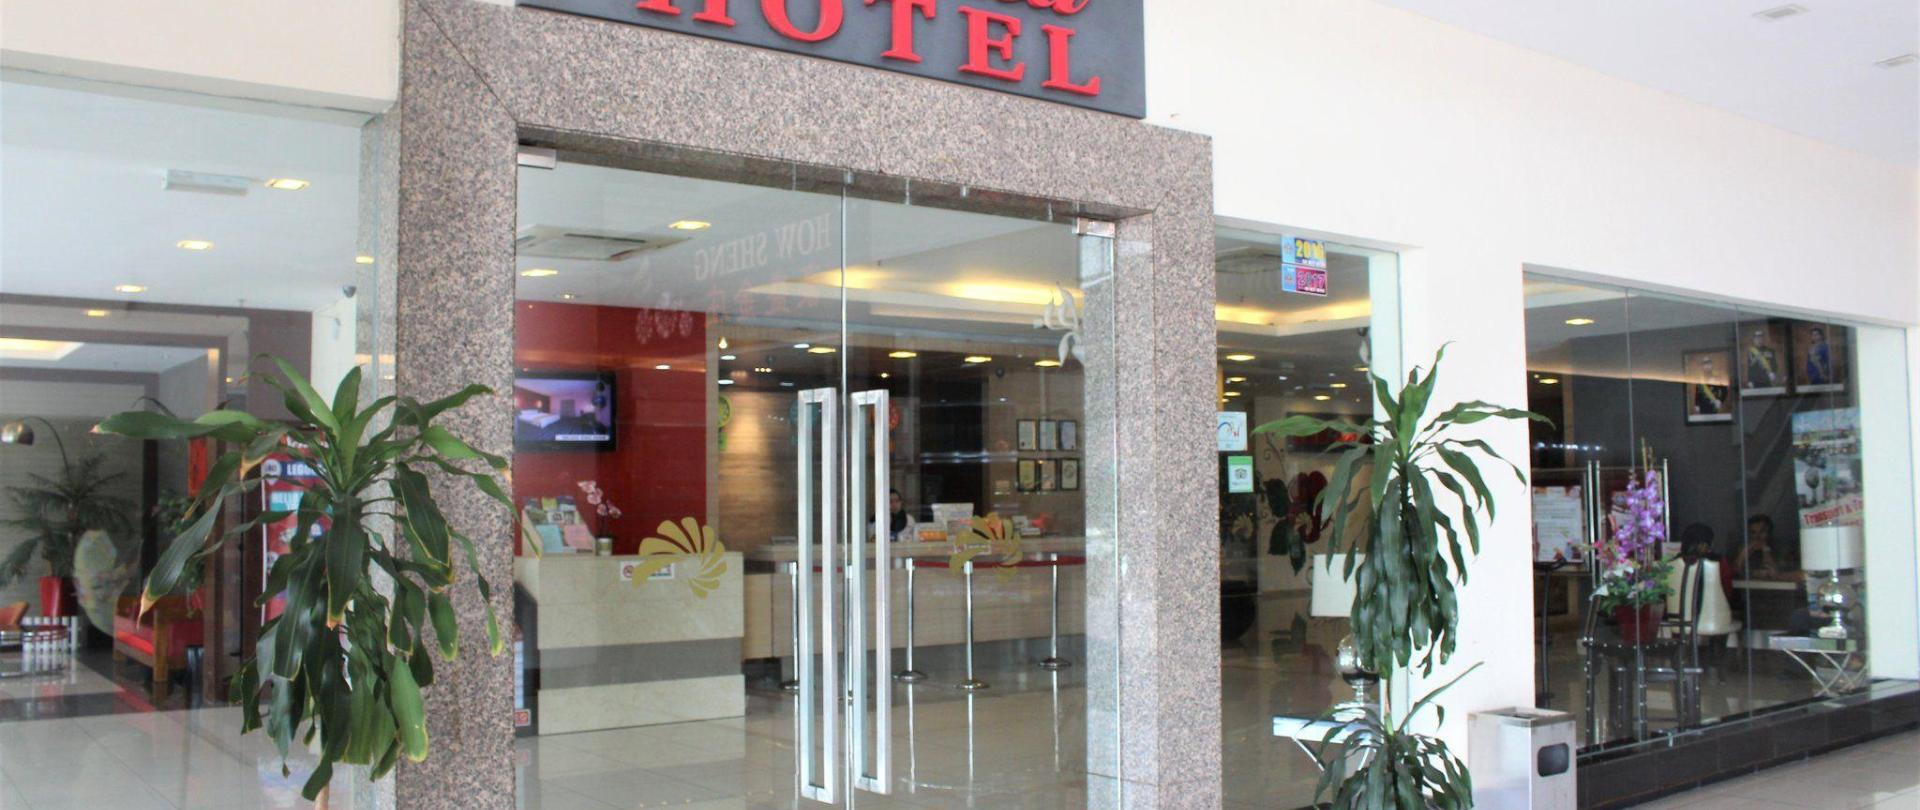 main-door-lobby.jpg